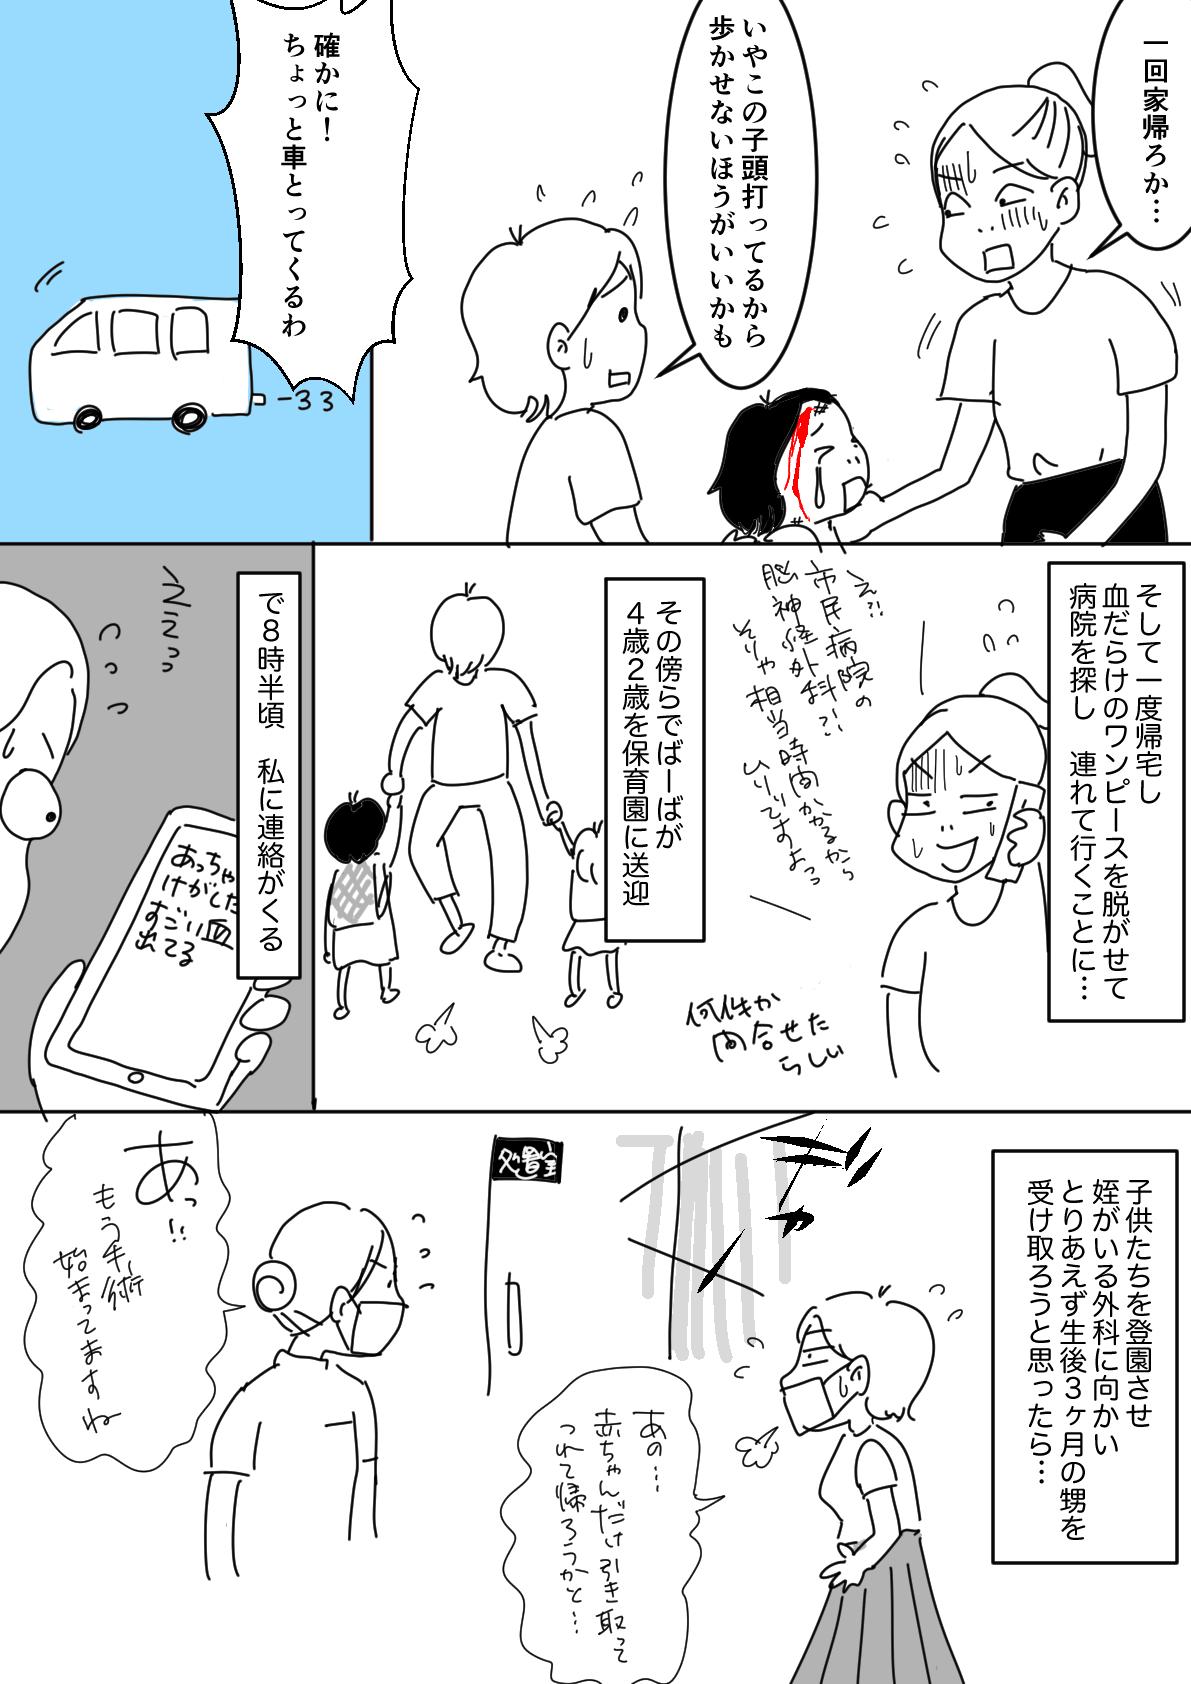 あかり_出力_002